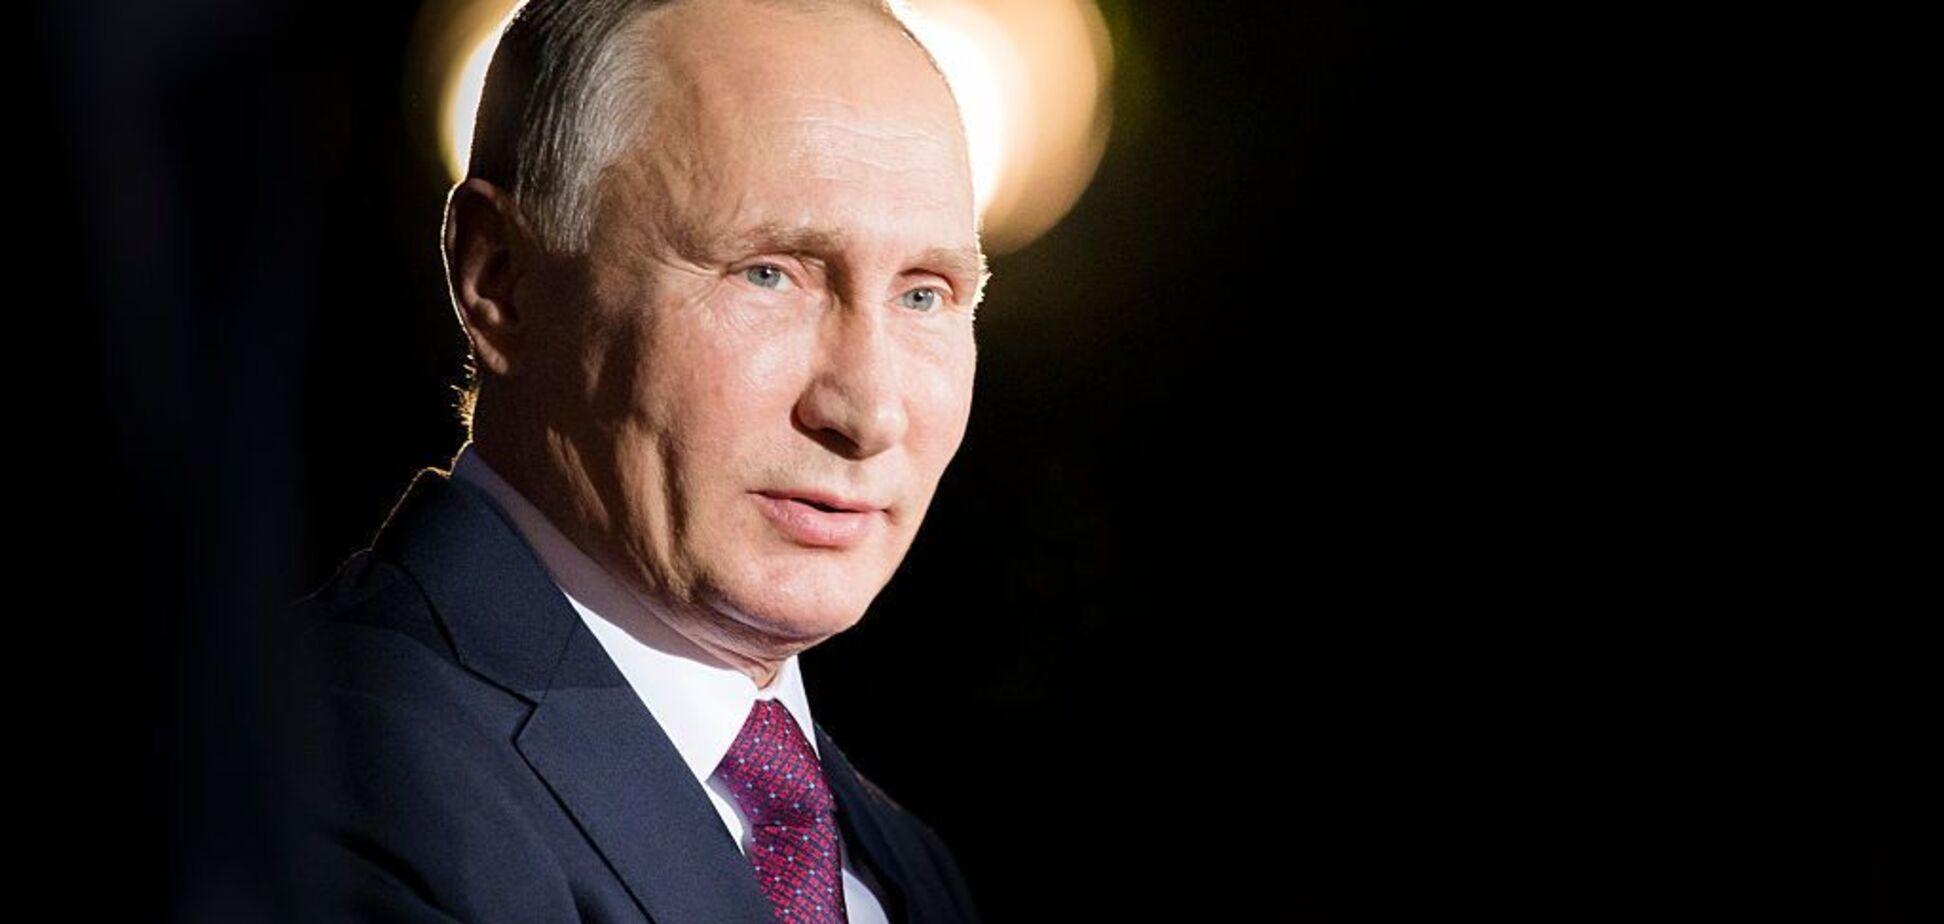 Чудова форма: як розписаний день у Путіна